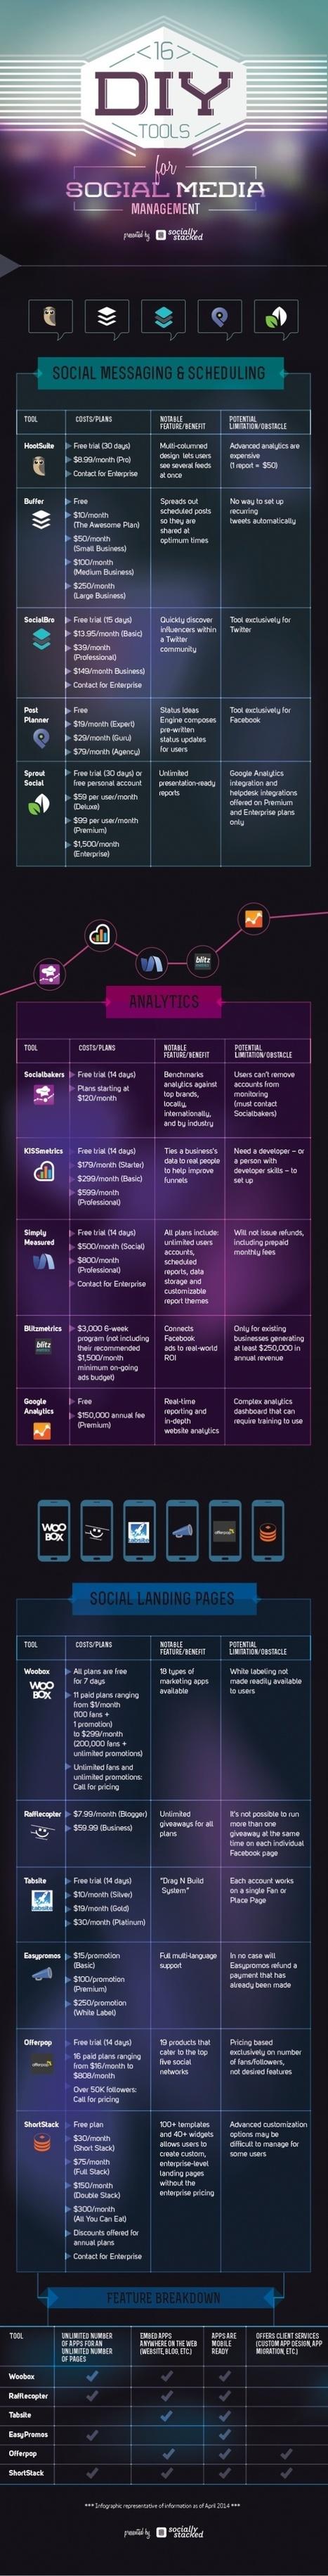 16 herramientas para gestionar tus Redes Sociales #infografia #infographic #socialmedia | videos educativos | Scoop.it